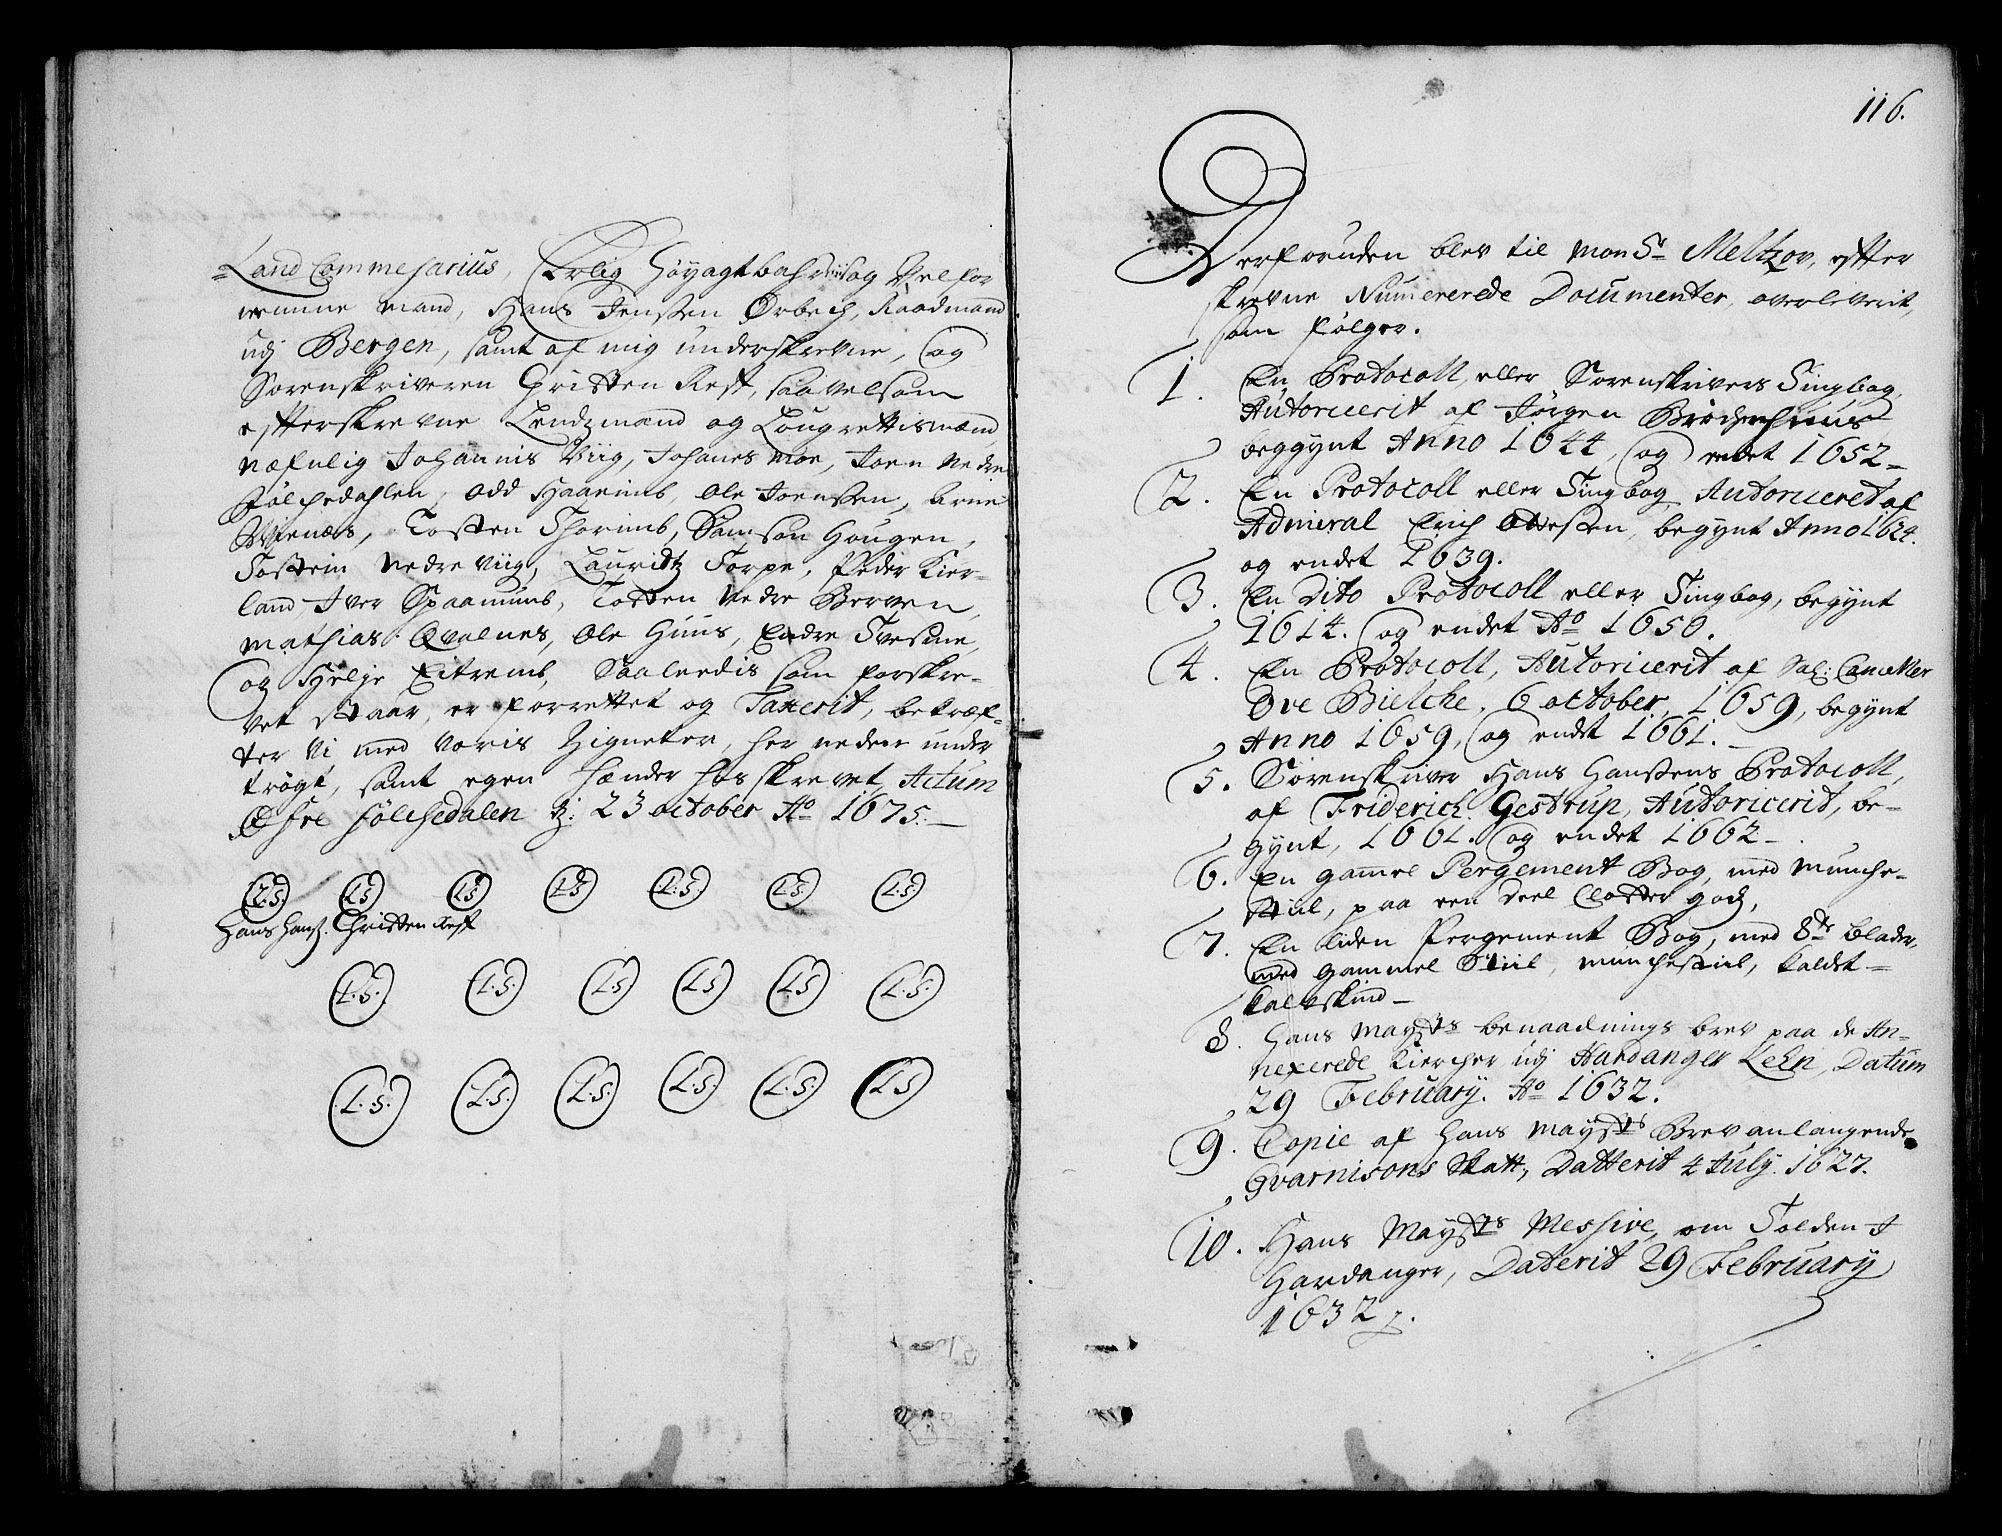 RA, Rentekammeret inntil 1814, Realistisk ordnet avdeling, On/L0003: [Jj 4]: Kommisjonsforretning over Vilhelm Hanssøns forpaktning av Halsnøy klosters gods, 1712-1722, s. 115b-116a